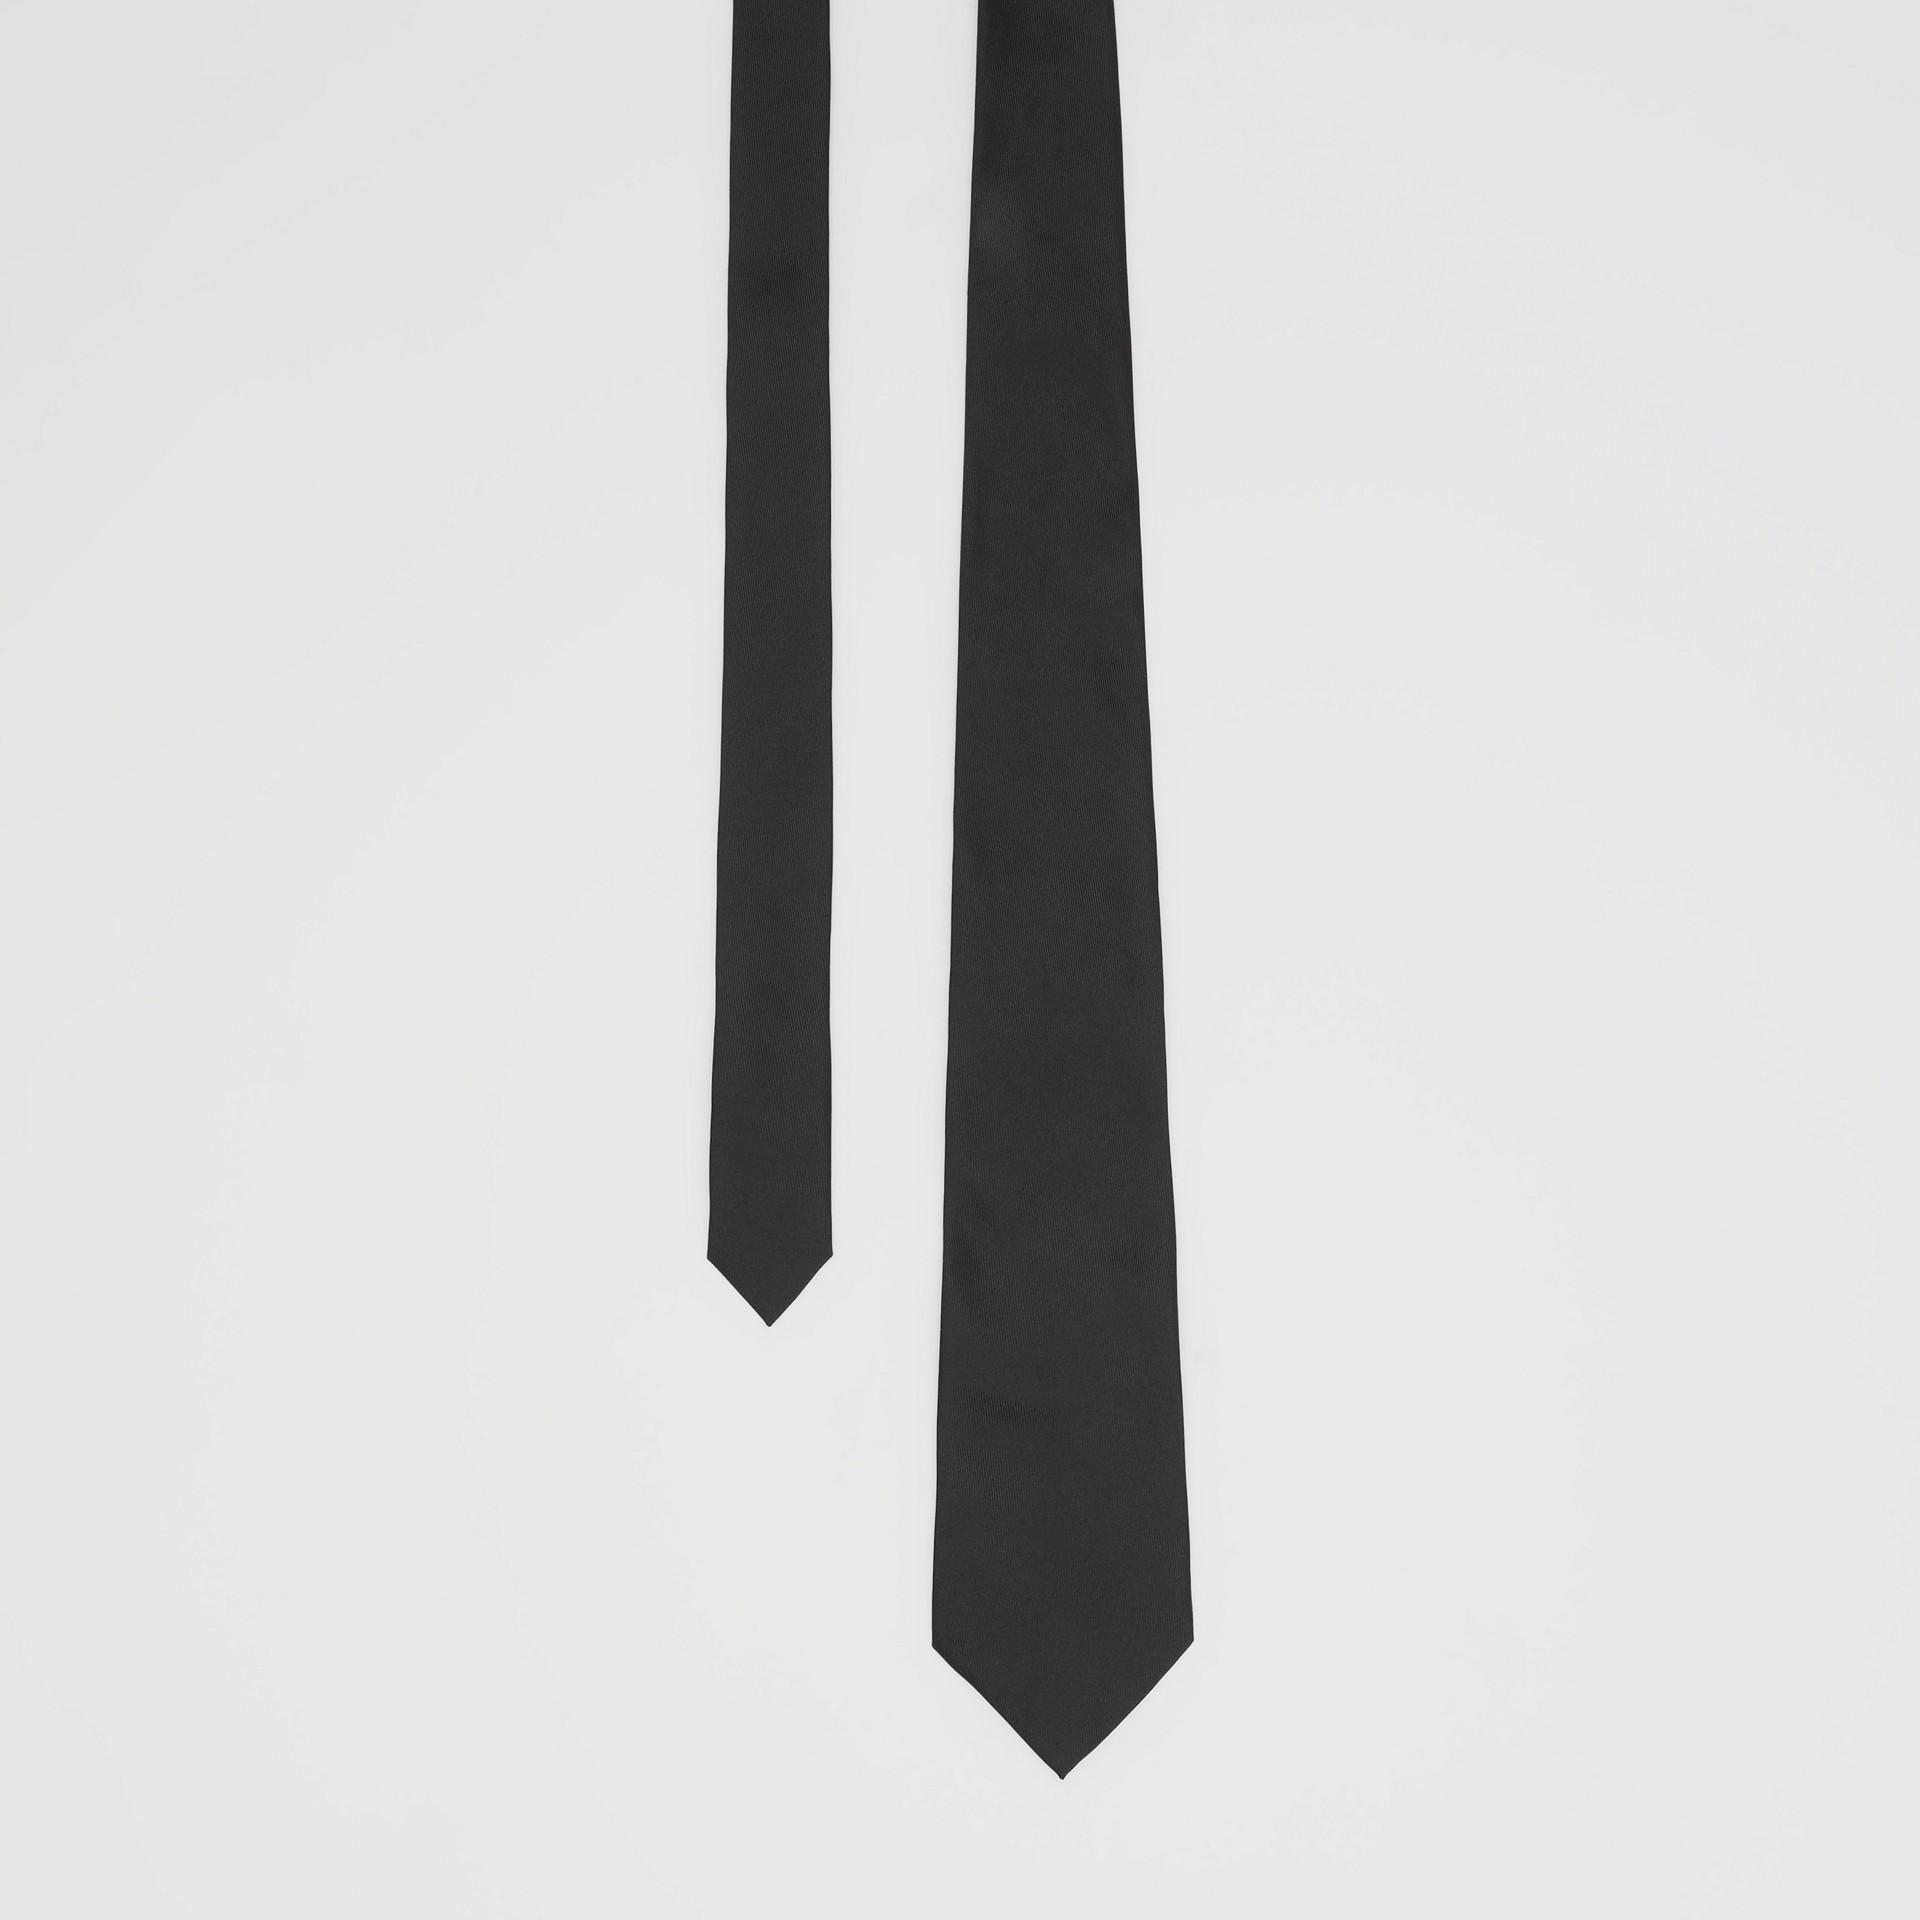 經典剪裁絲質領帶 (黑色) - 男款 | Burberry - 圖庫照片 0